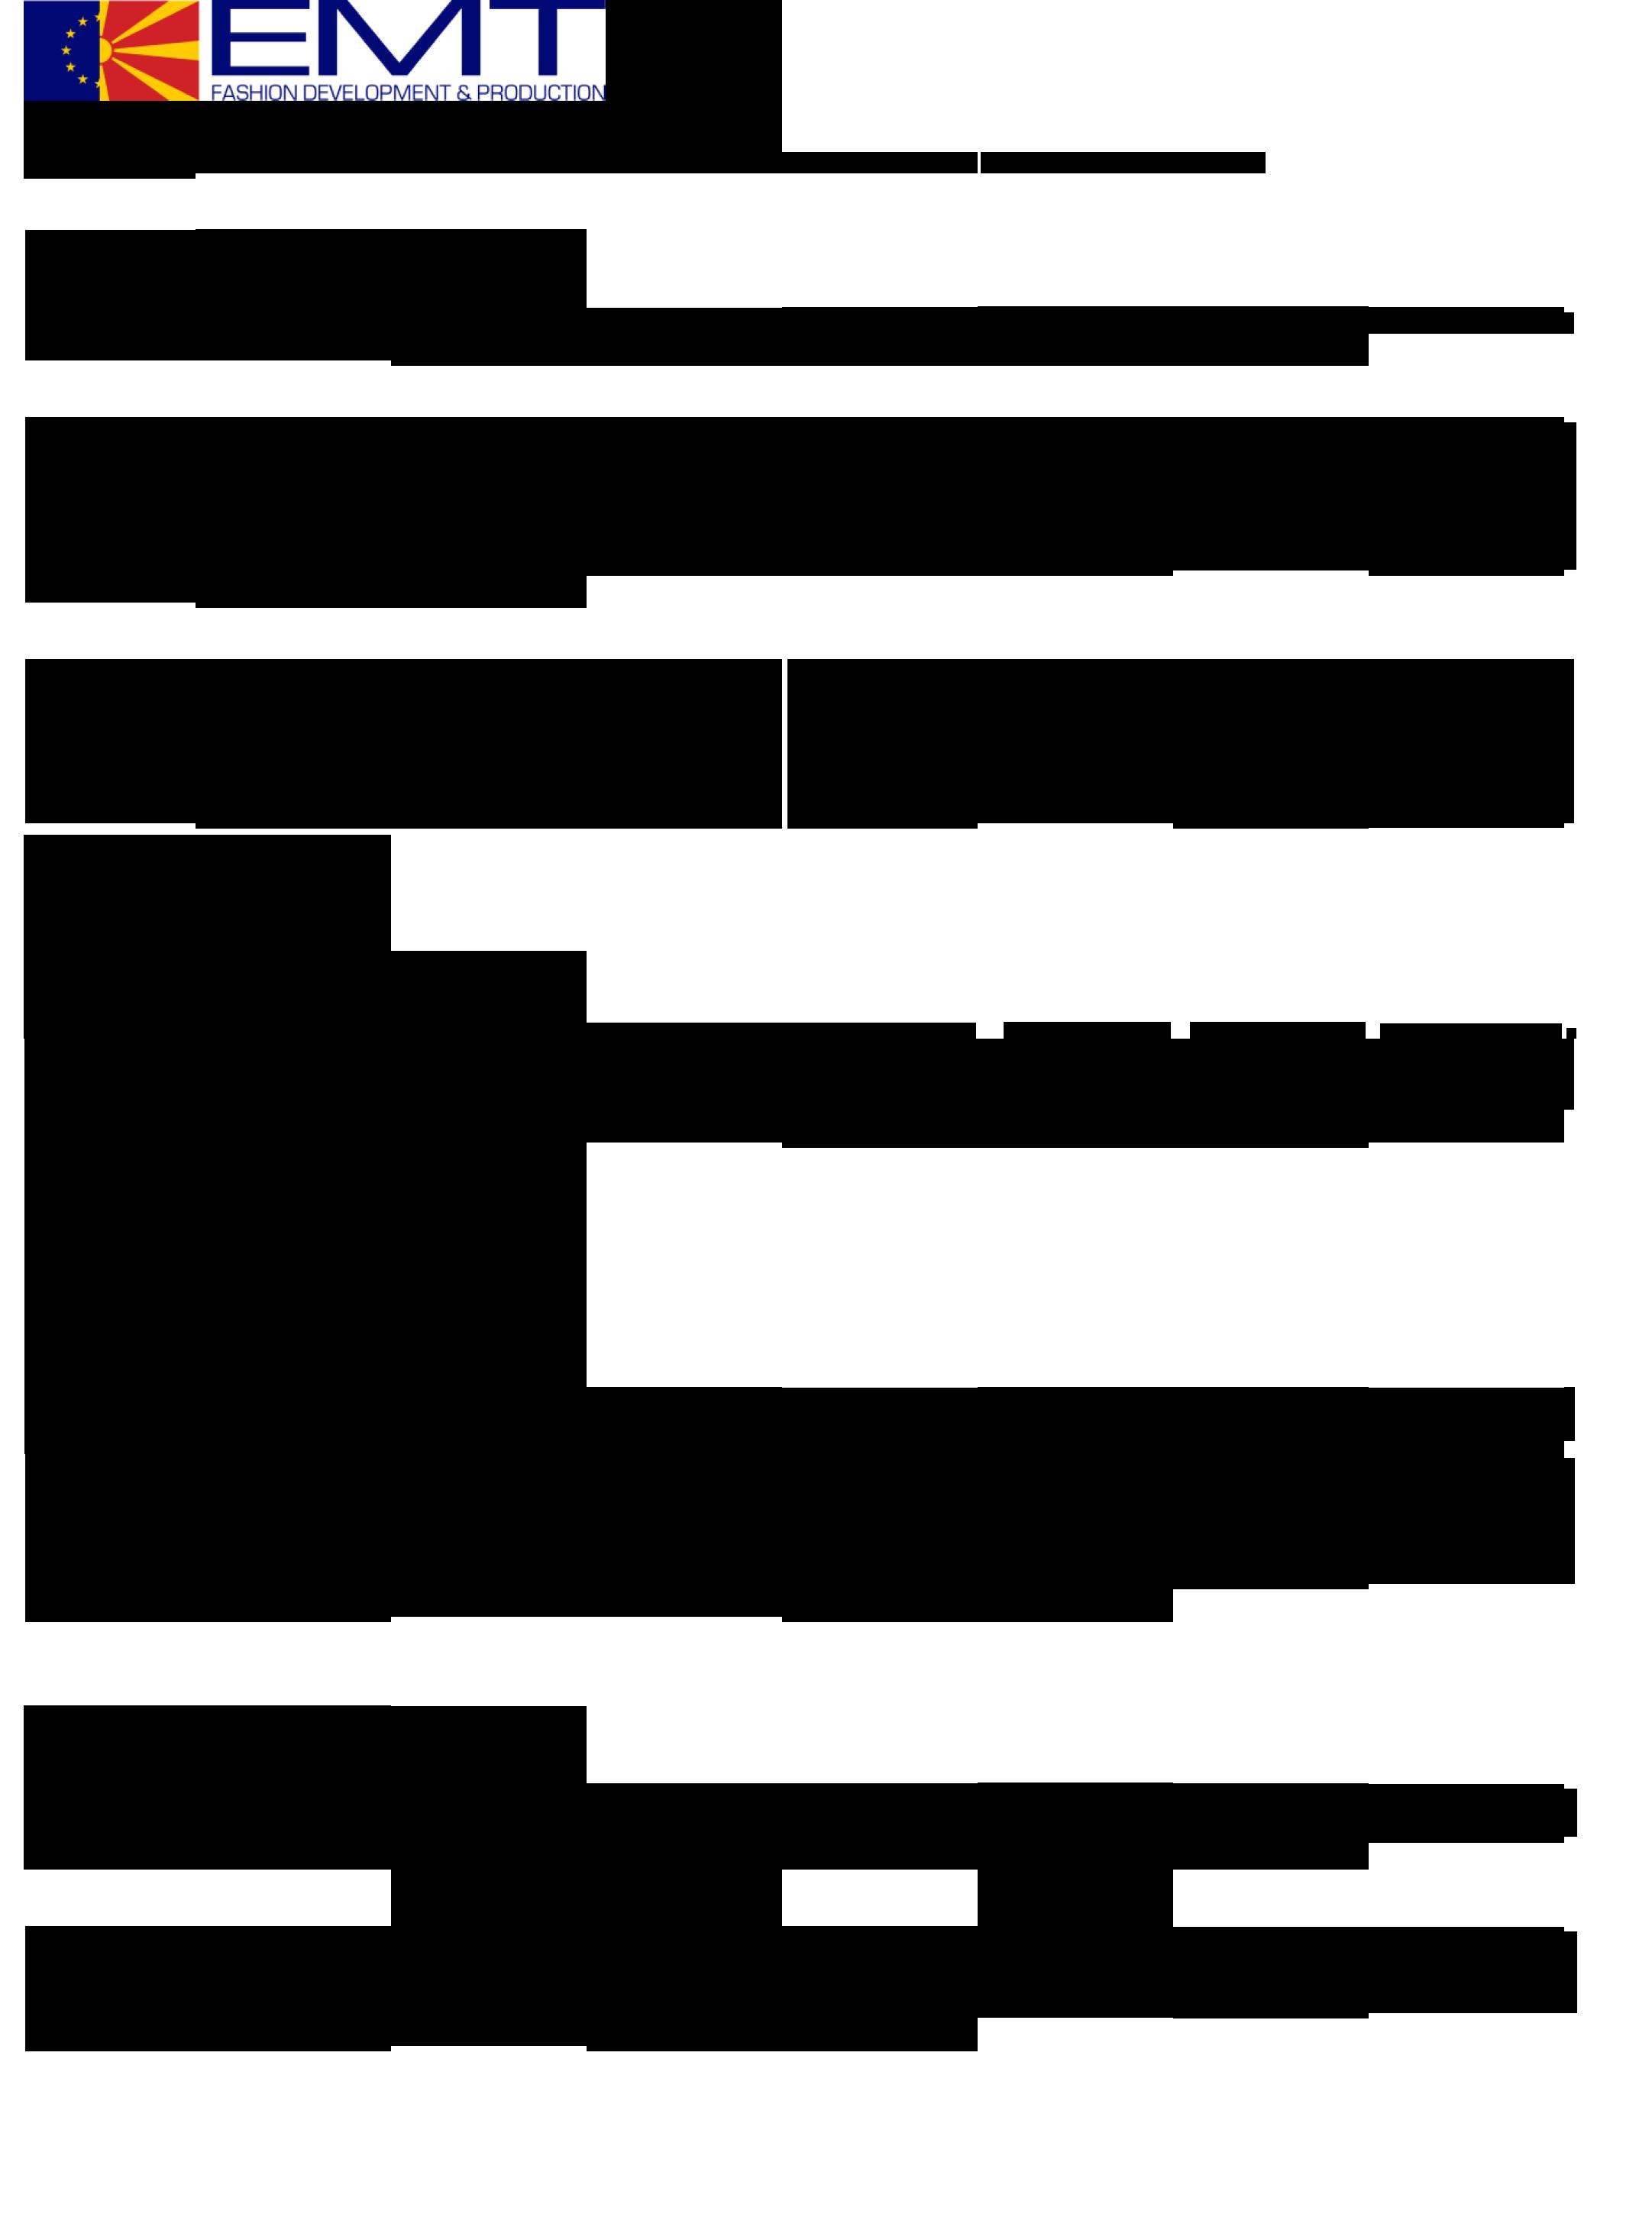 EMT profile